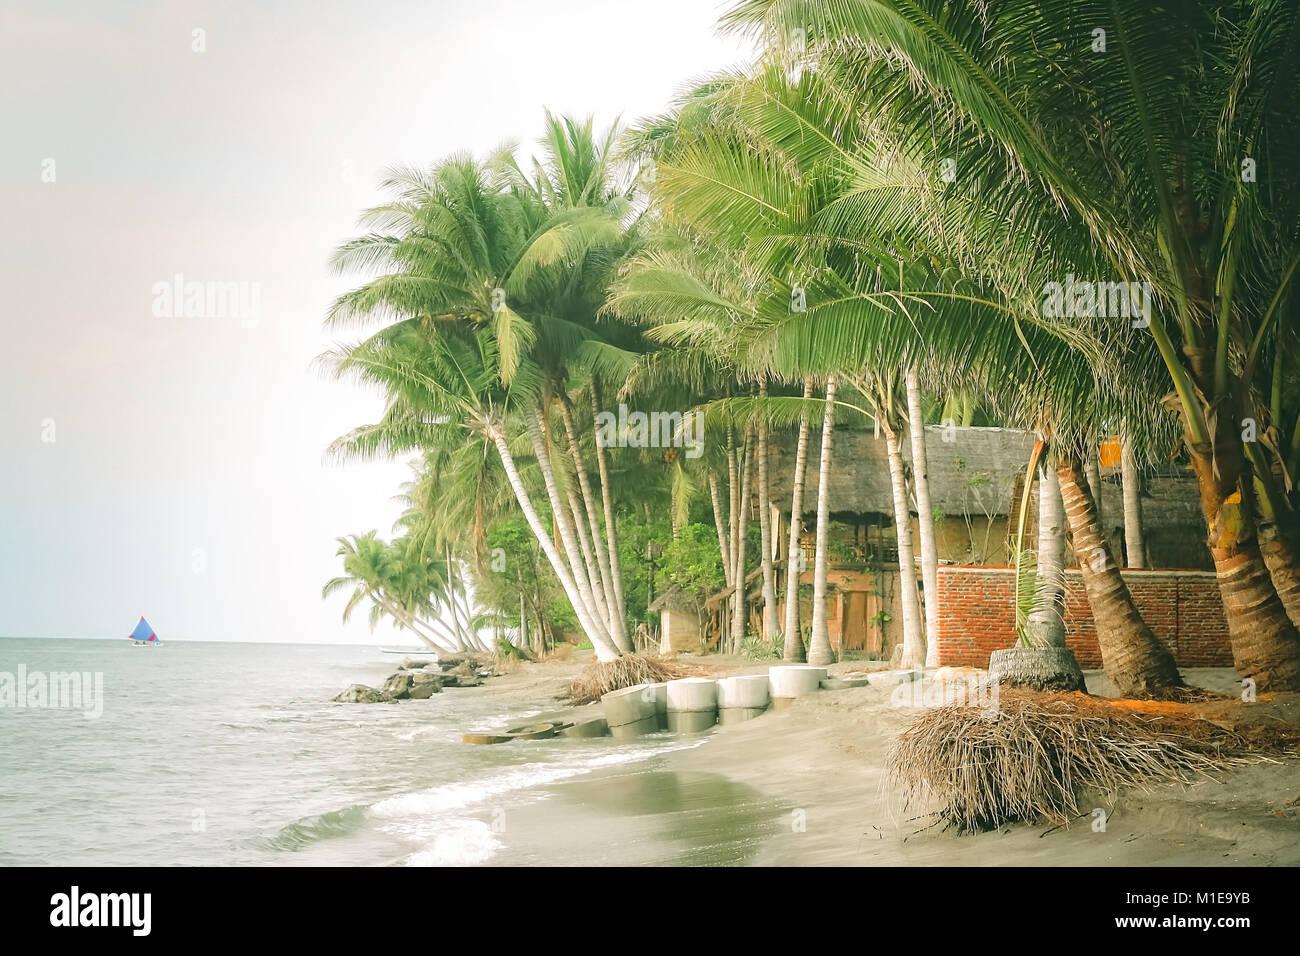 Palmen am Strand in einem kleinen Dorf auf der Insel Lombok, Indonesien, Asien Stockbild